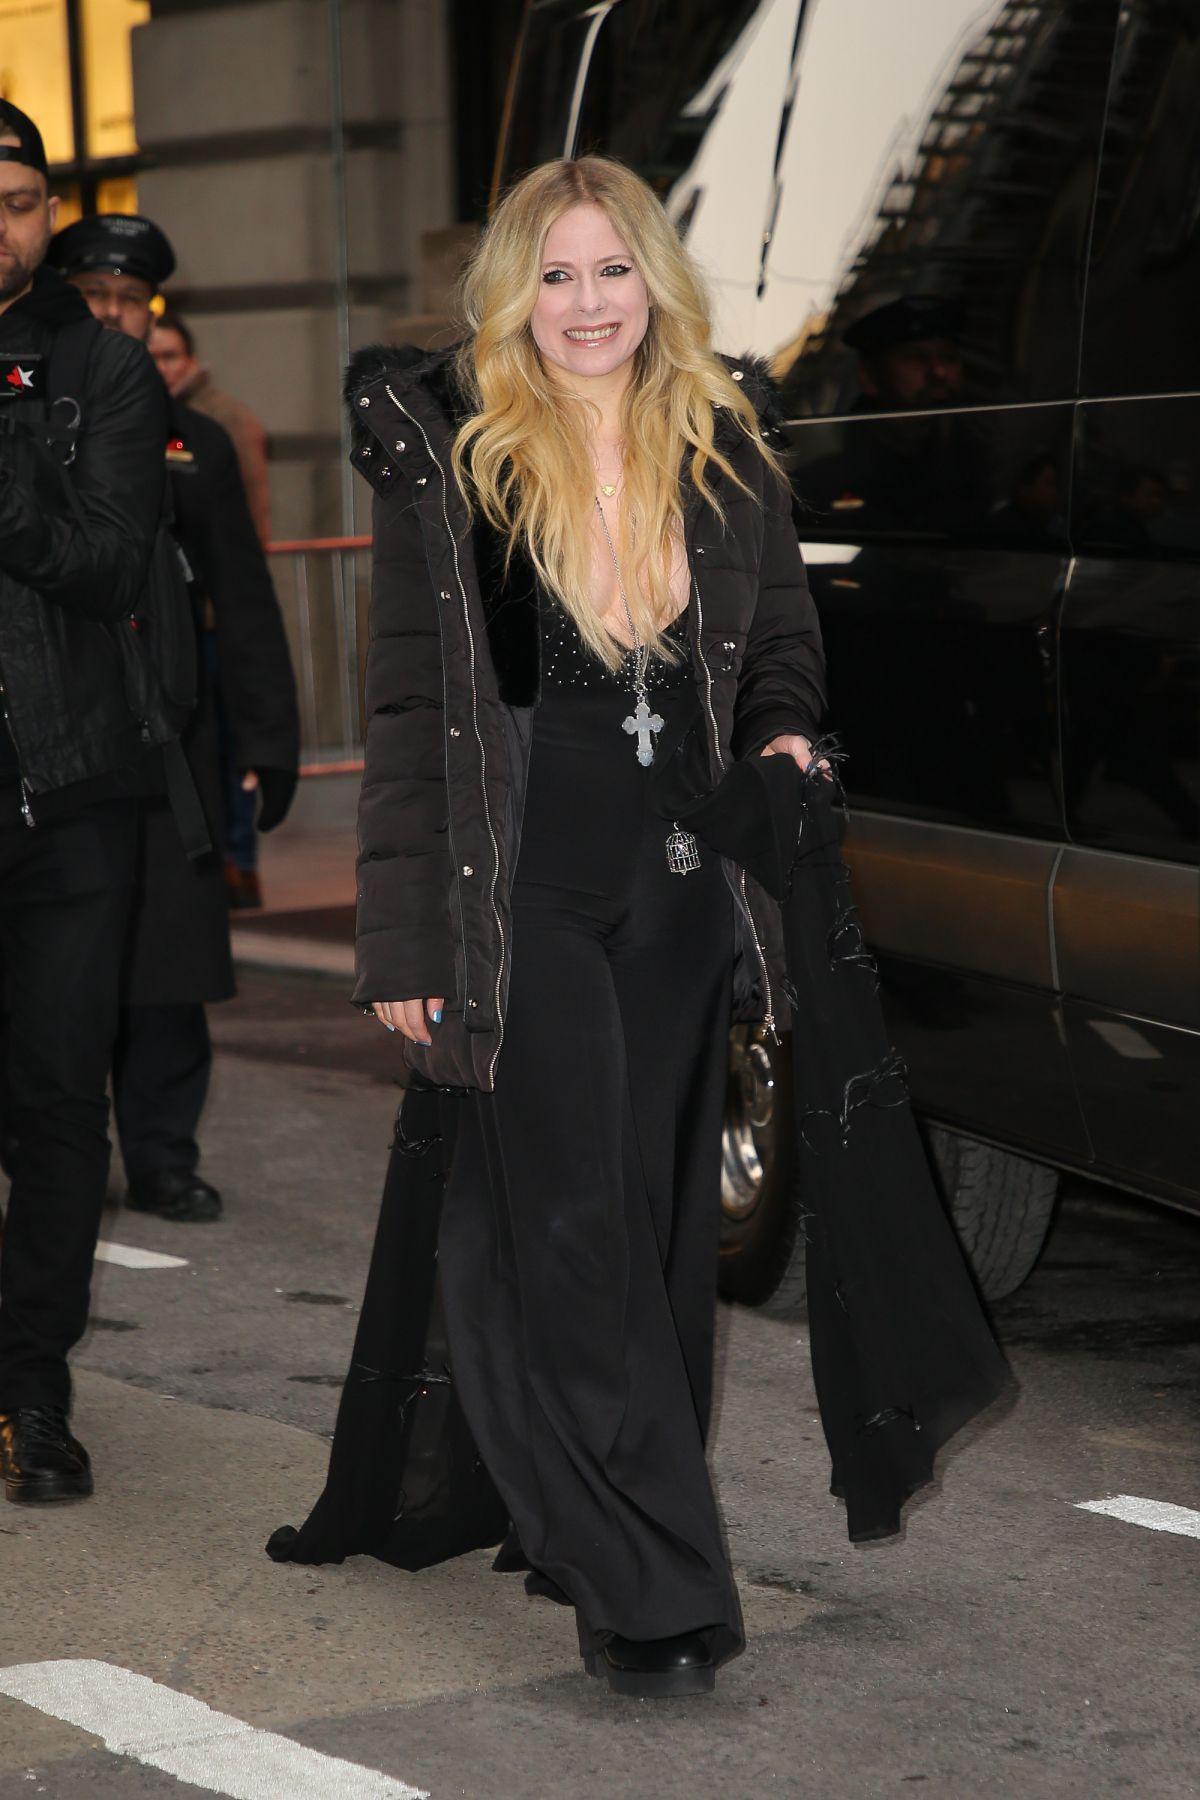 Demi Lovato And Avril Lavigne